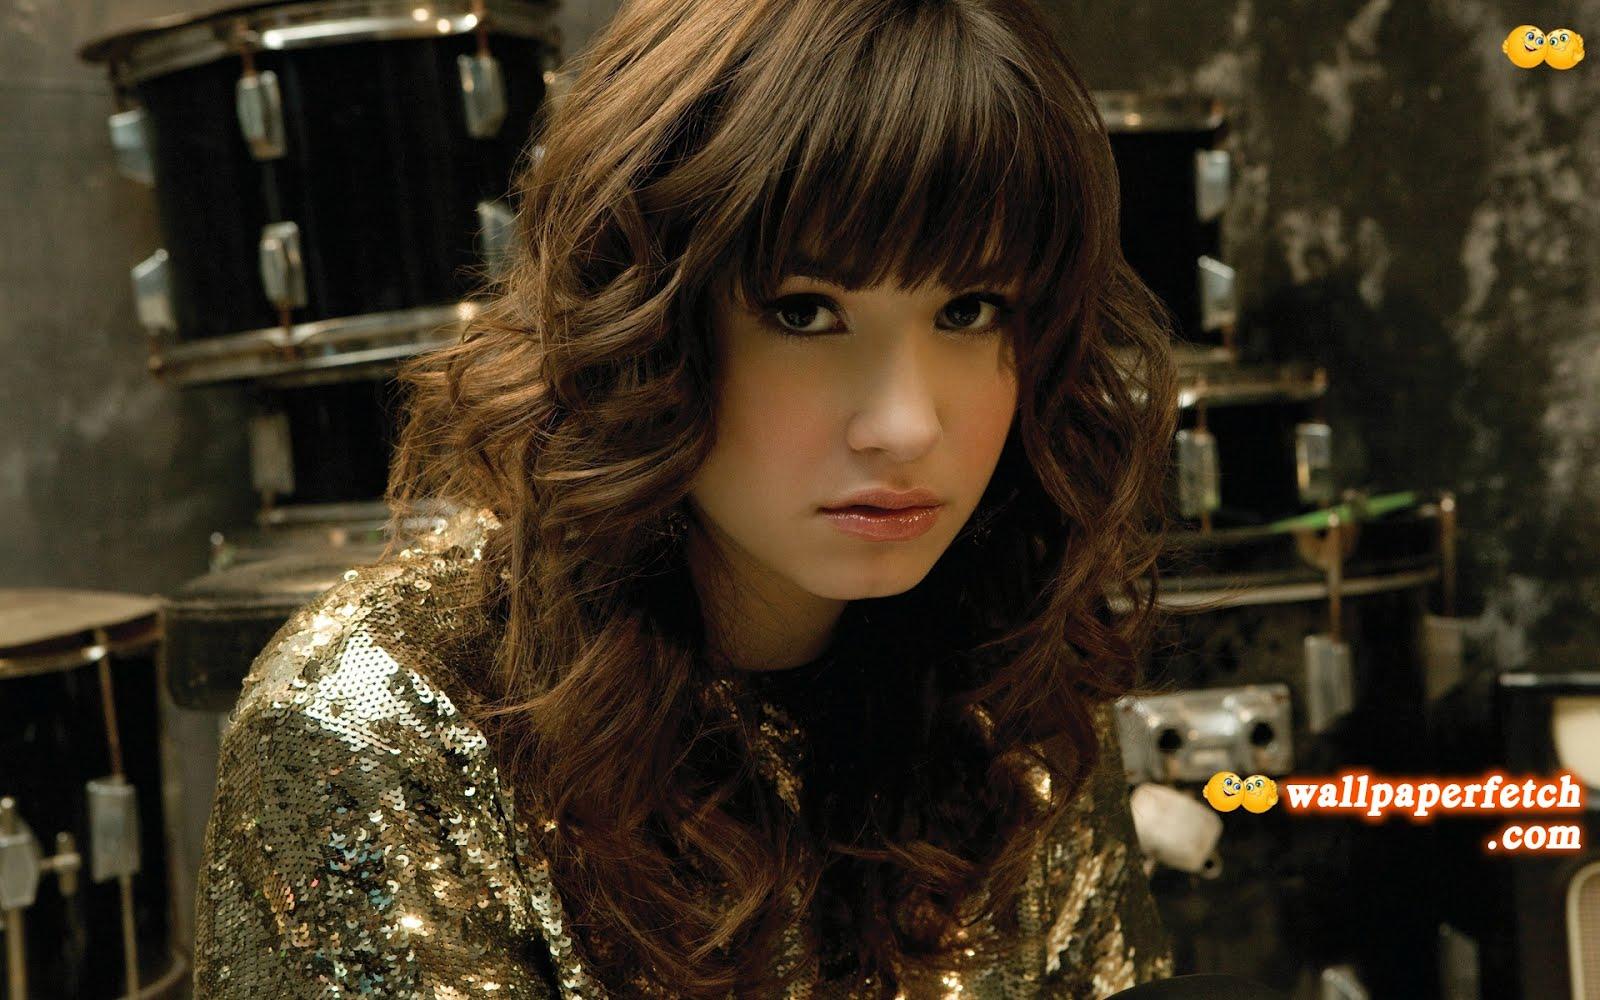 Demi Lovato Wallpaper Fetch Wallpapers